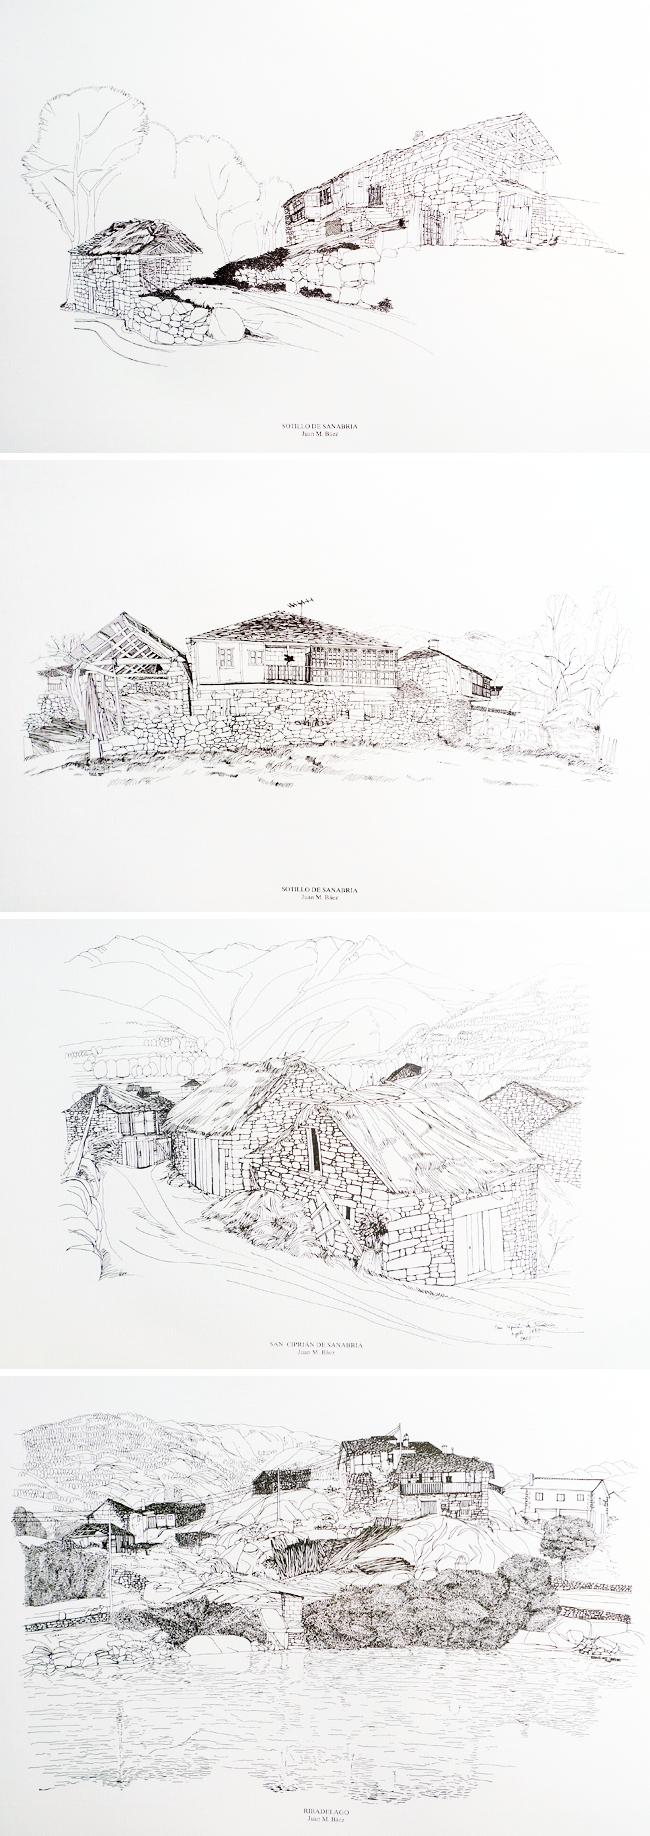 1997_arquitectura-paisaje-sanabria-dibujos-editorial-semuret